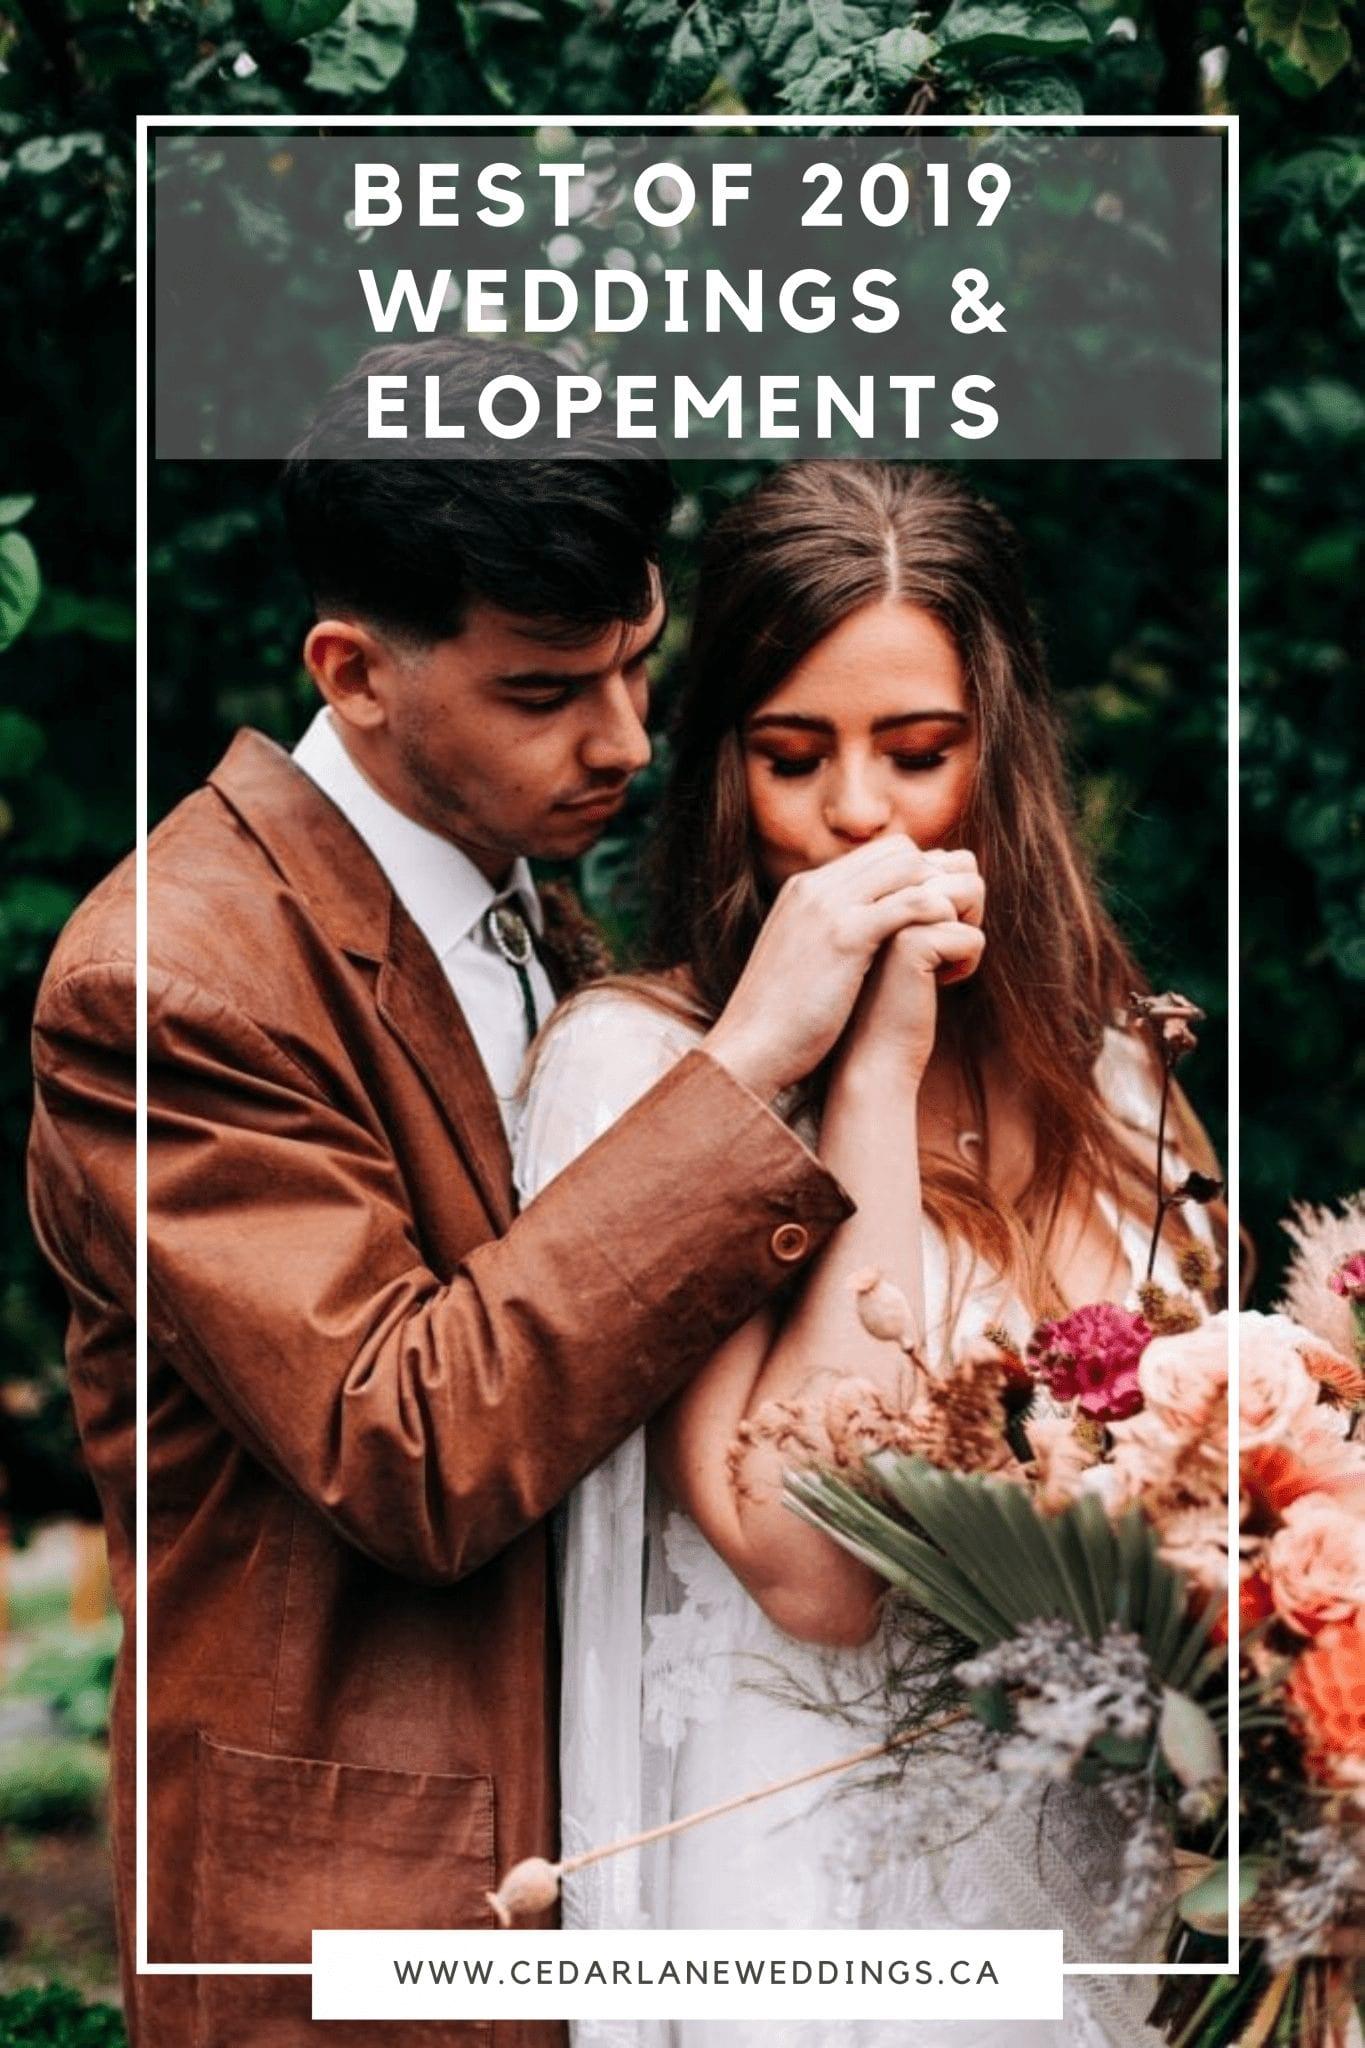 Best of 2019 Weddings & Elopements